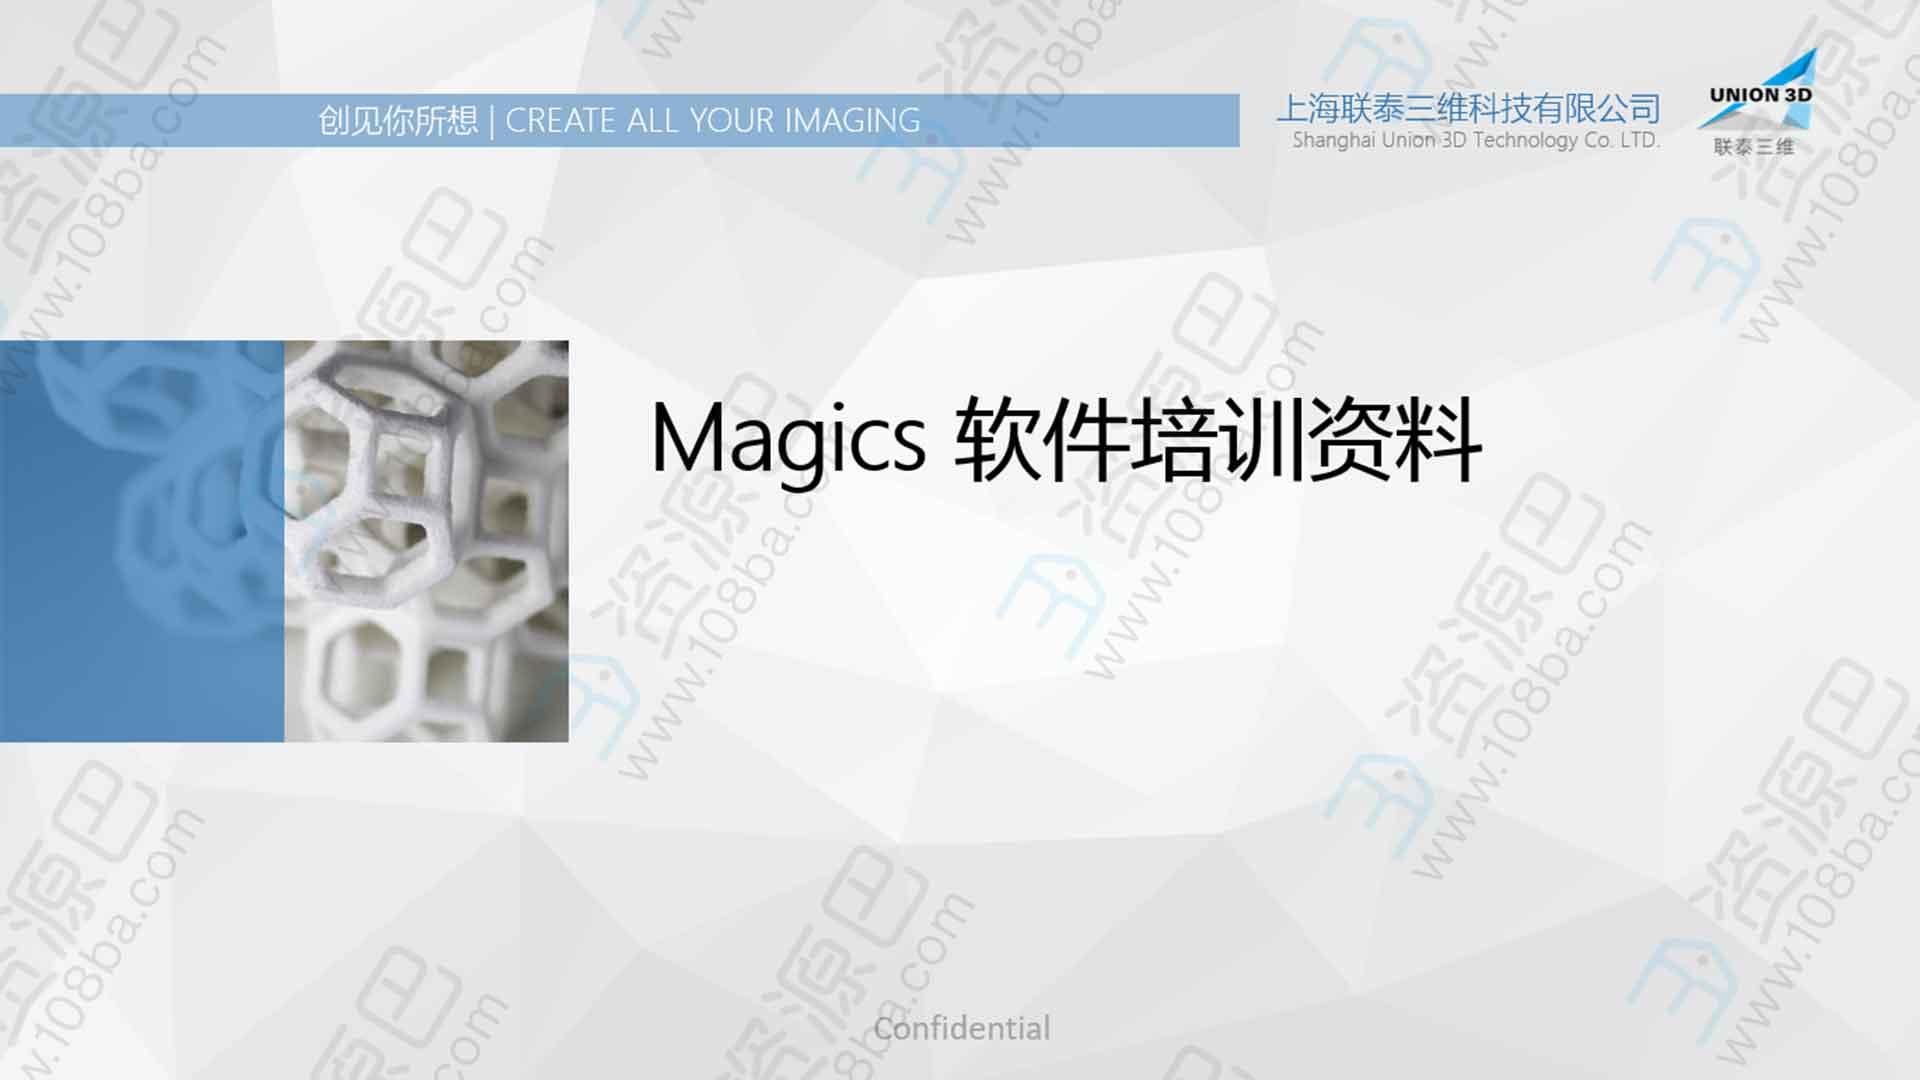 联泰内部3D打印Magics培训资料文档插图1